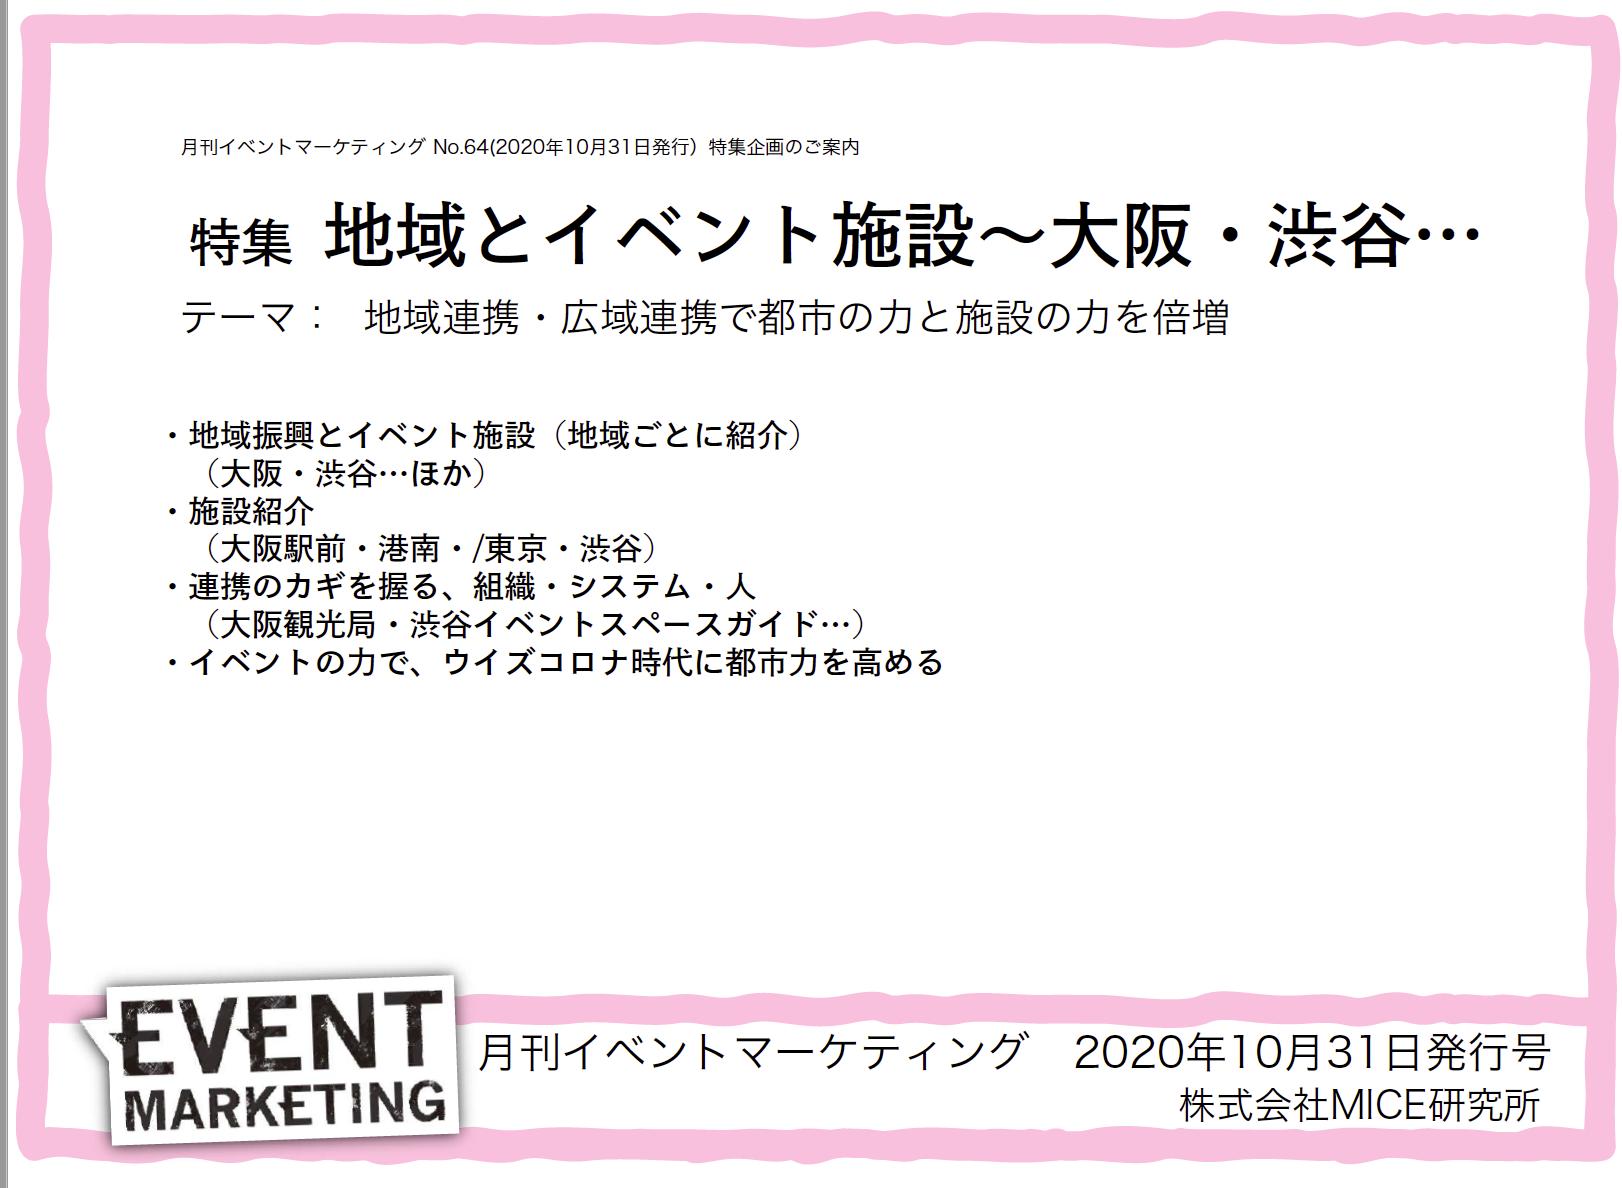 月刊イベントマーケティング64号企画書